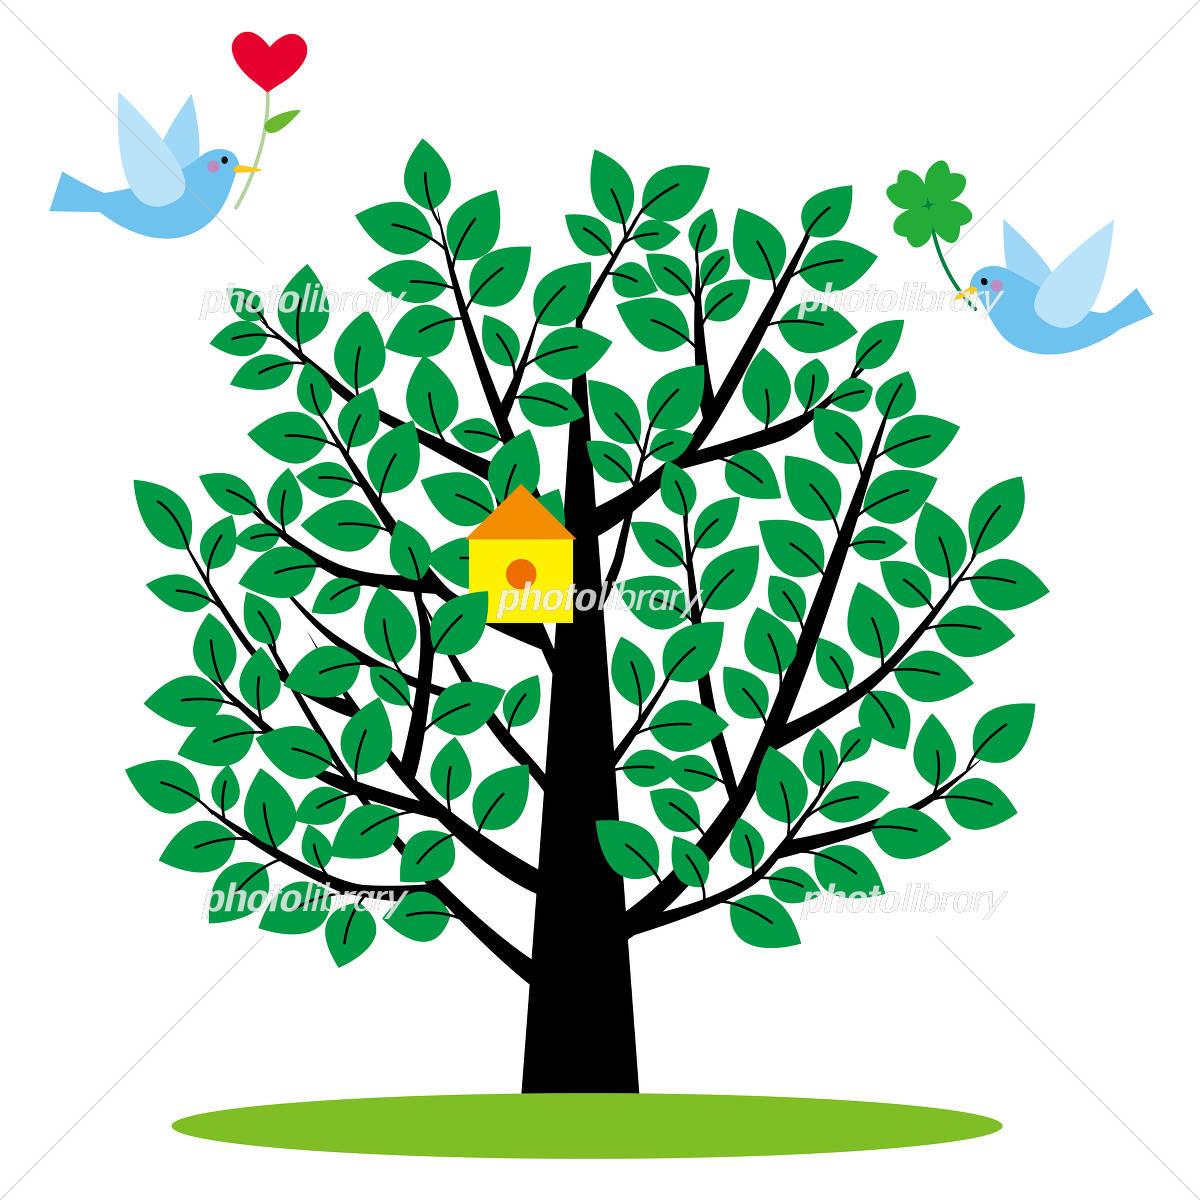 小鳥と樹 イラスト素材 4409428 フォトライブラリー Photolibrary